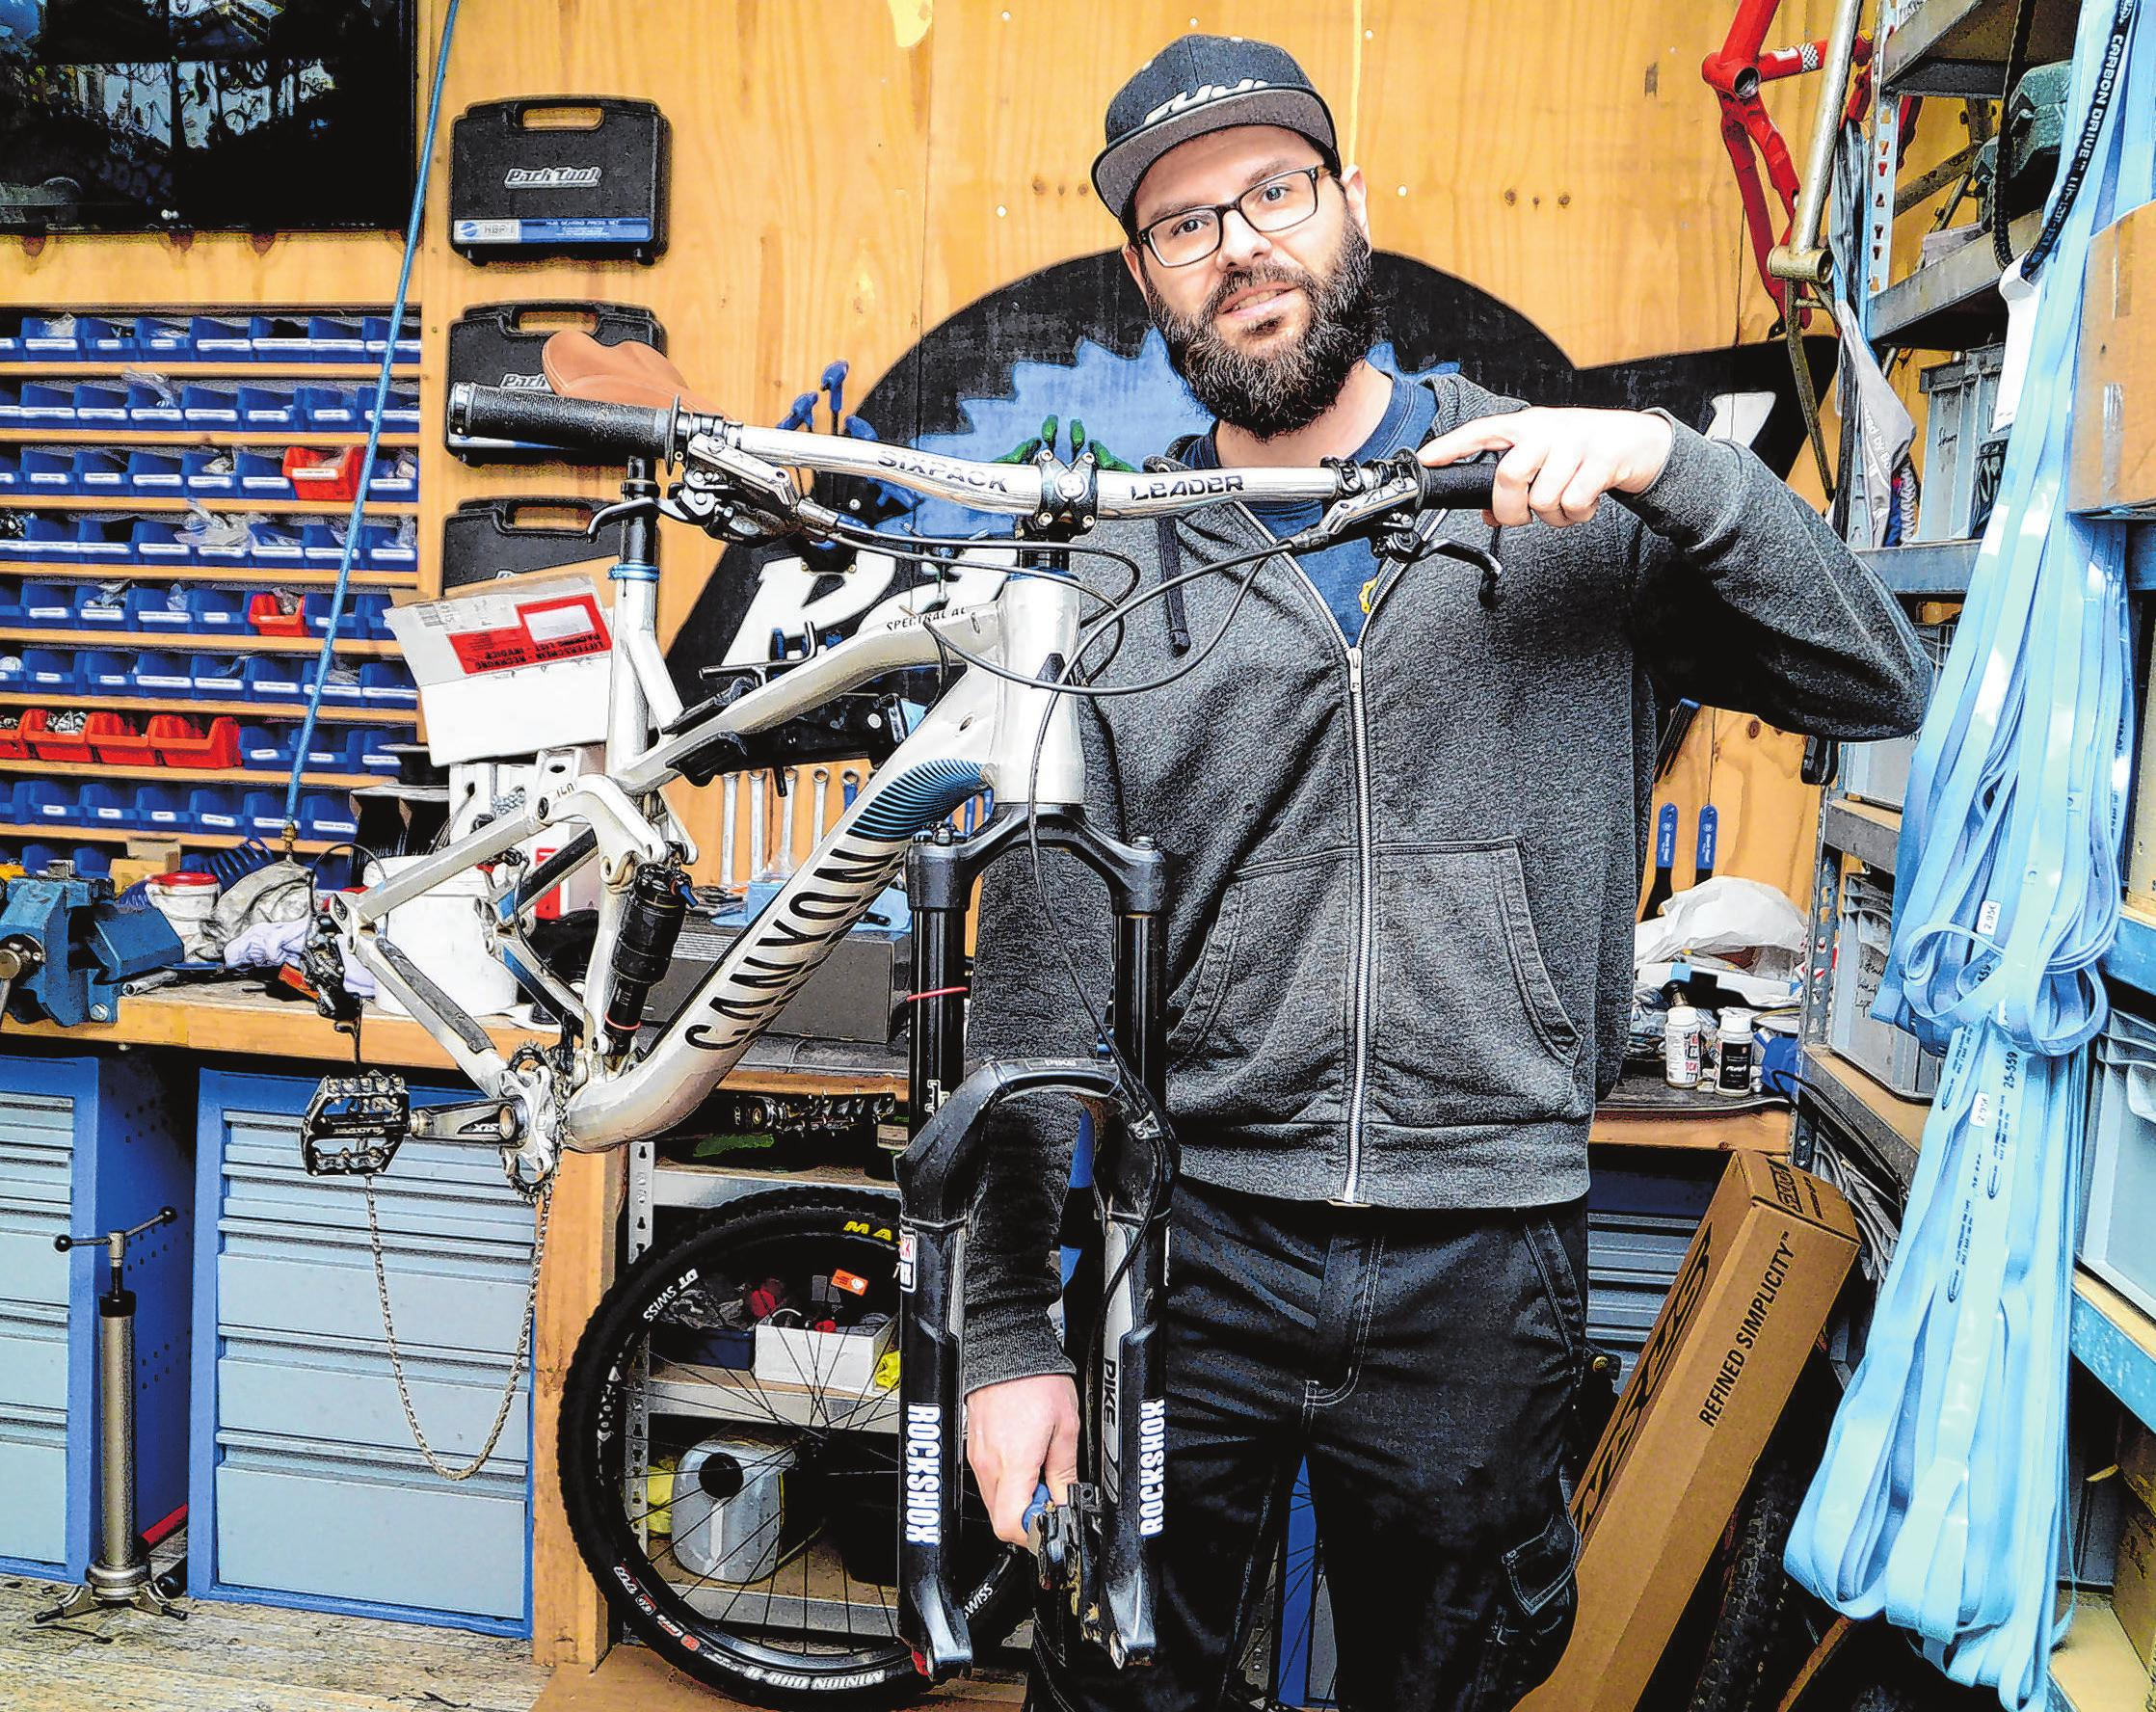 Der Inhaber von bikes4ever in der Fürstenwalder August-Bebel-Straße, Thomas Wilke, checkt in der Werkstatt die Federelemente an einem Enduro-Mountainbike.